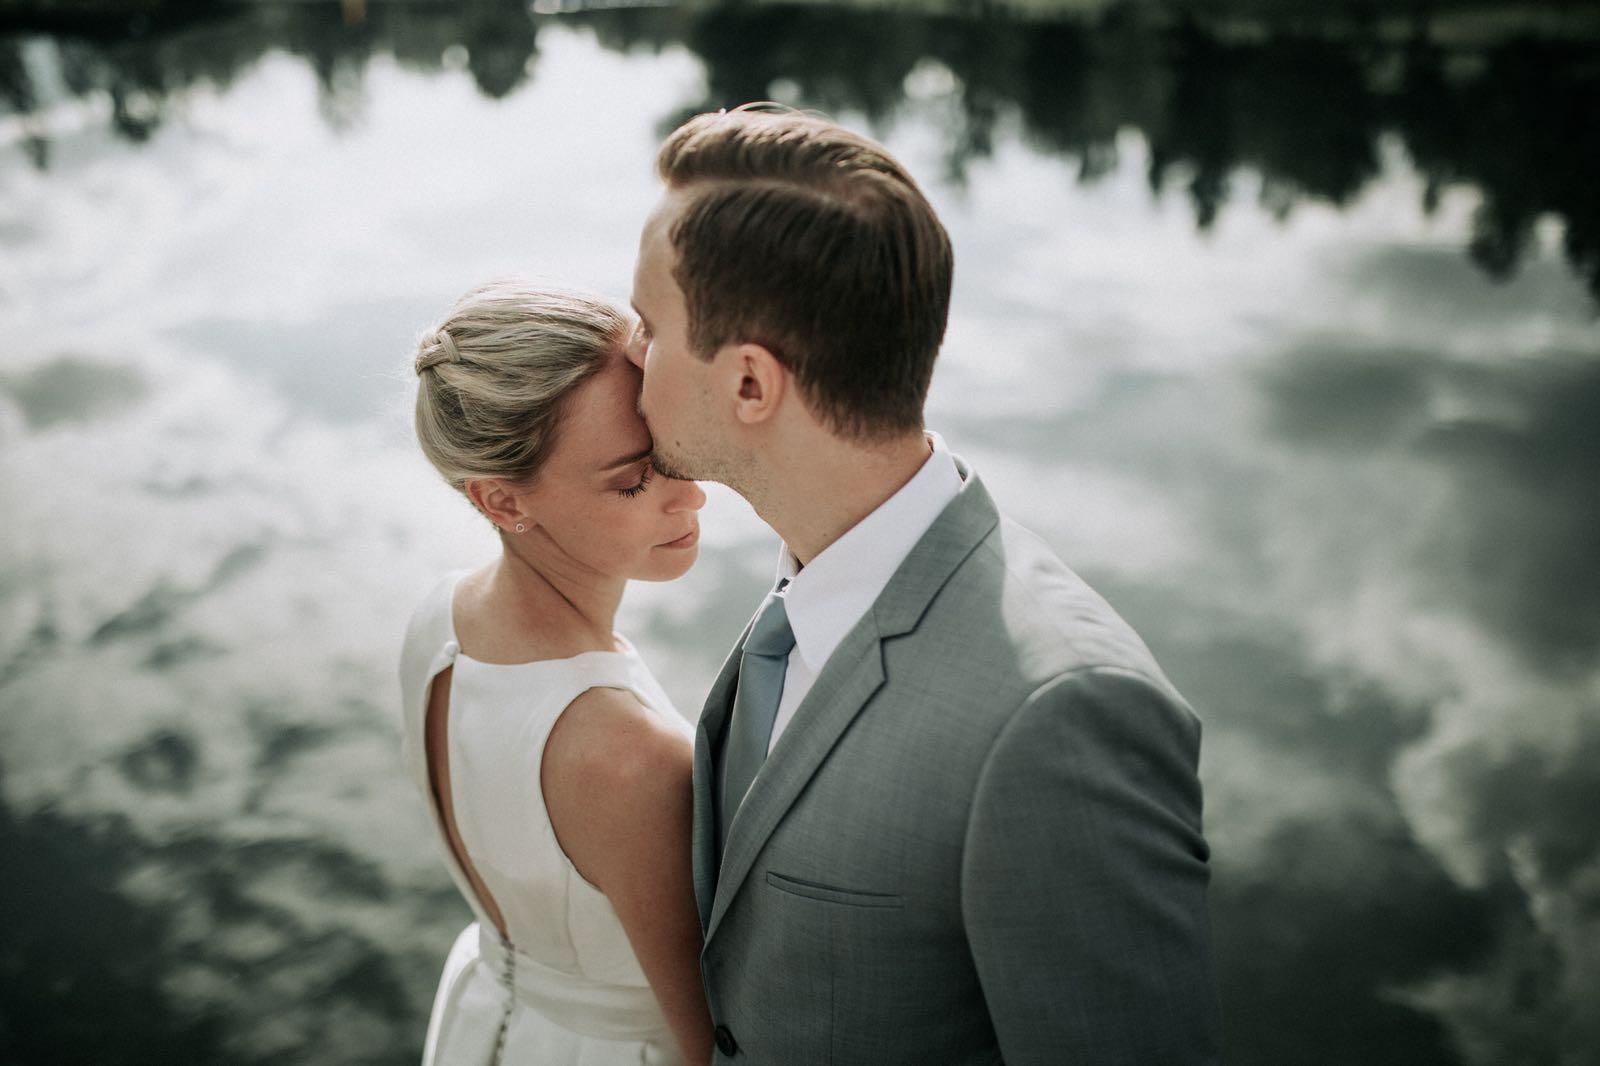 Tipps gegen unmotivierte Paare bei Hochzeiten | FORMA next Level